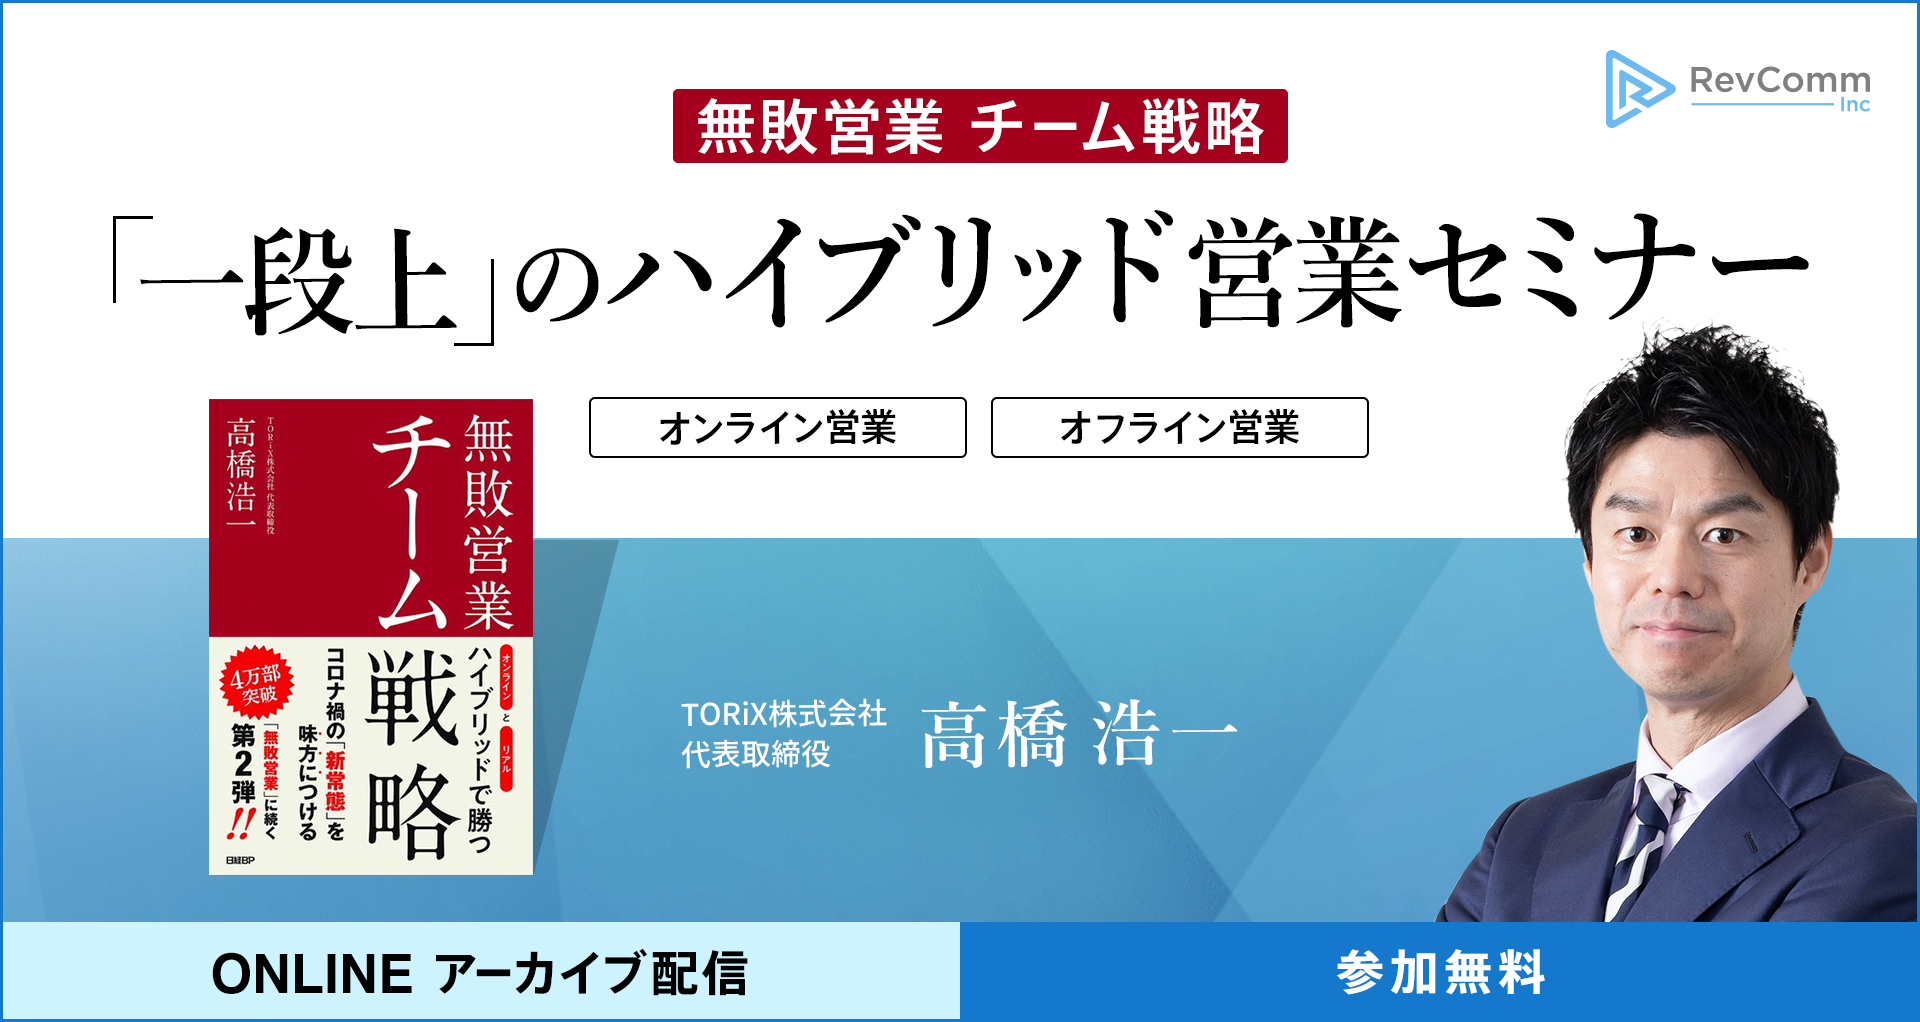 mail_banner20_繧「繝シ繧ォ繧、繝輔y